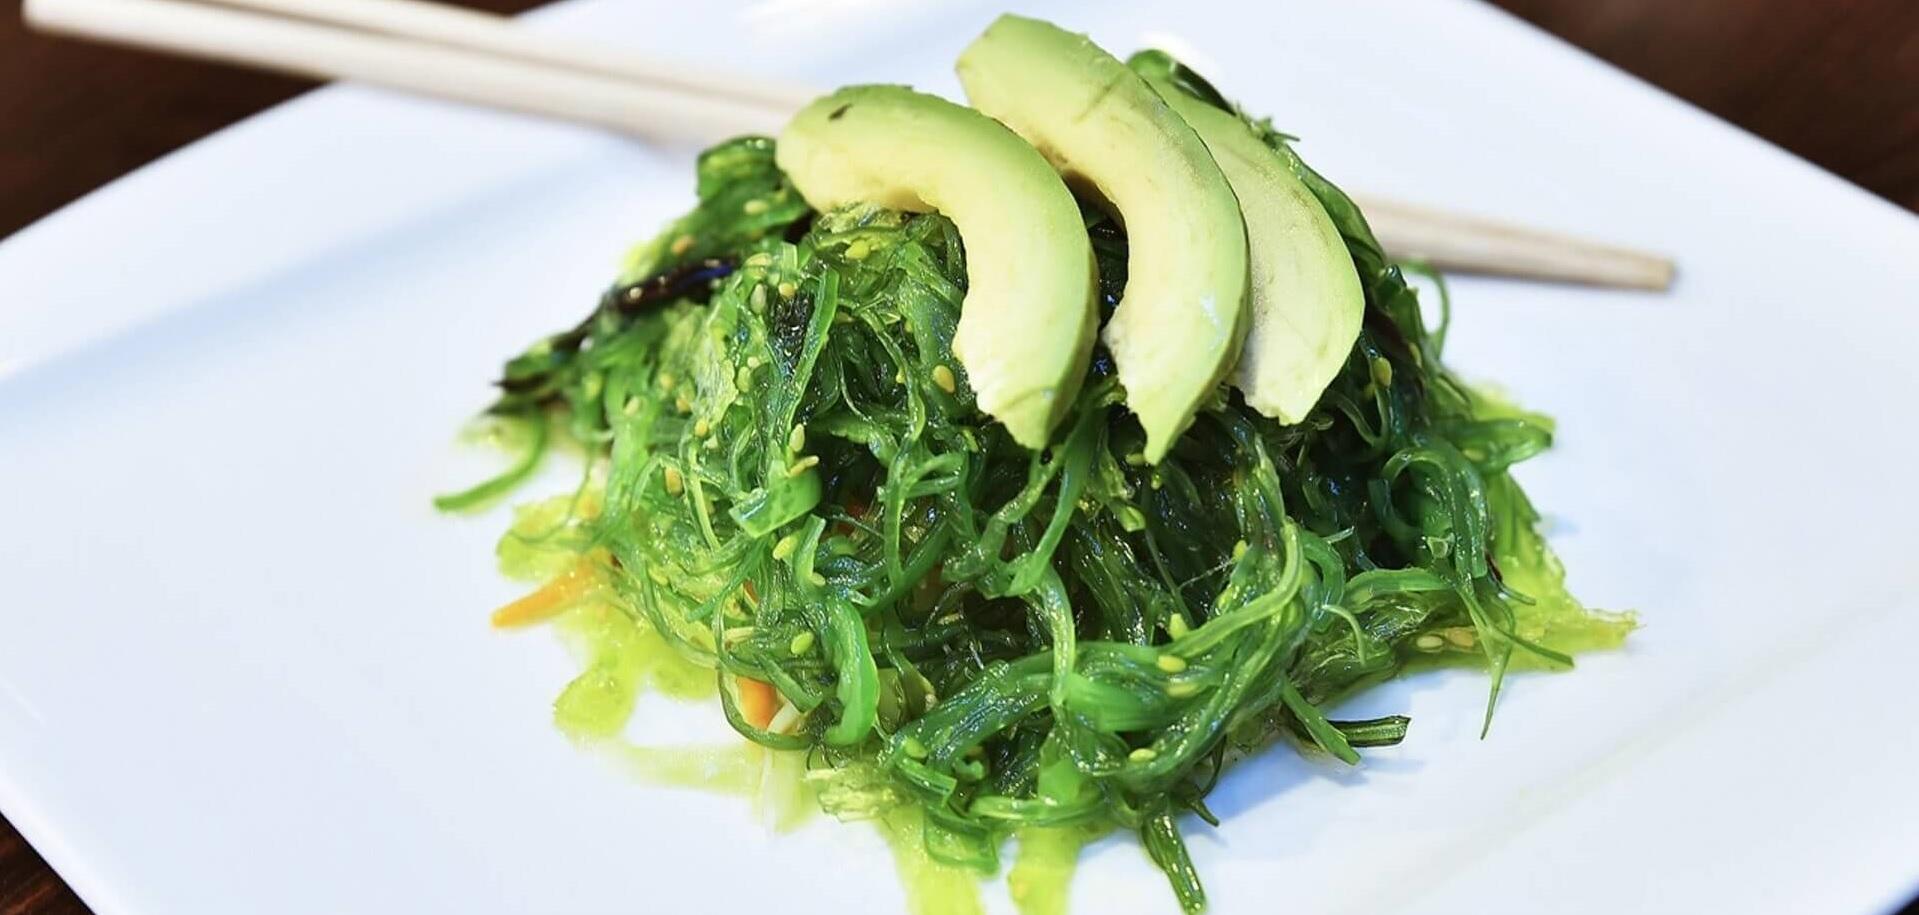 Bien Connaitre Les Algues Comestibles Pour La Cuisine L Eau Vive